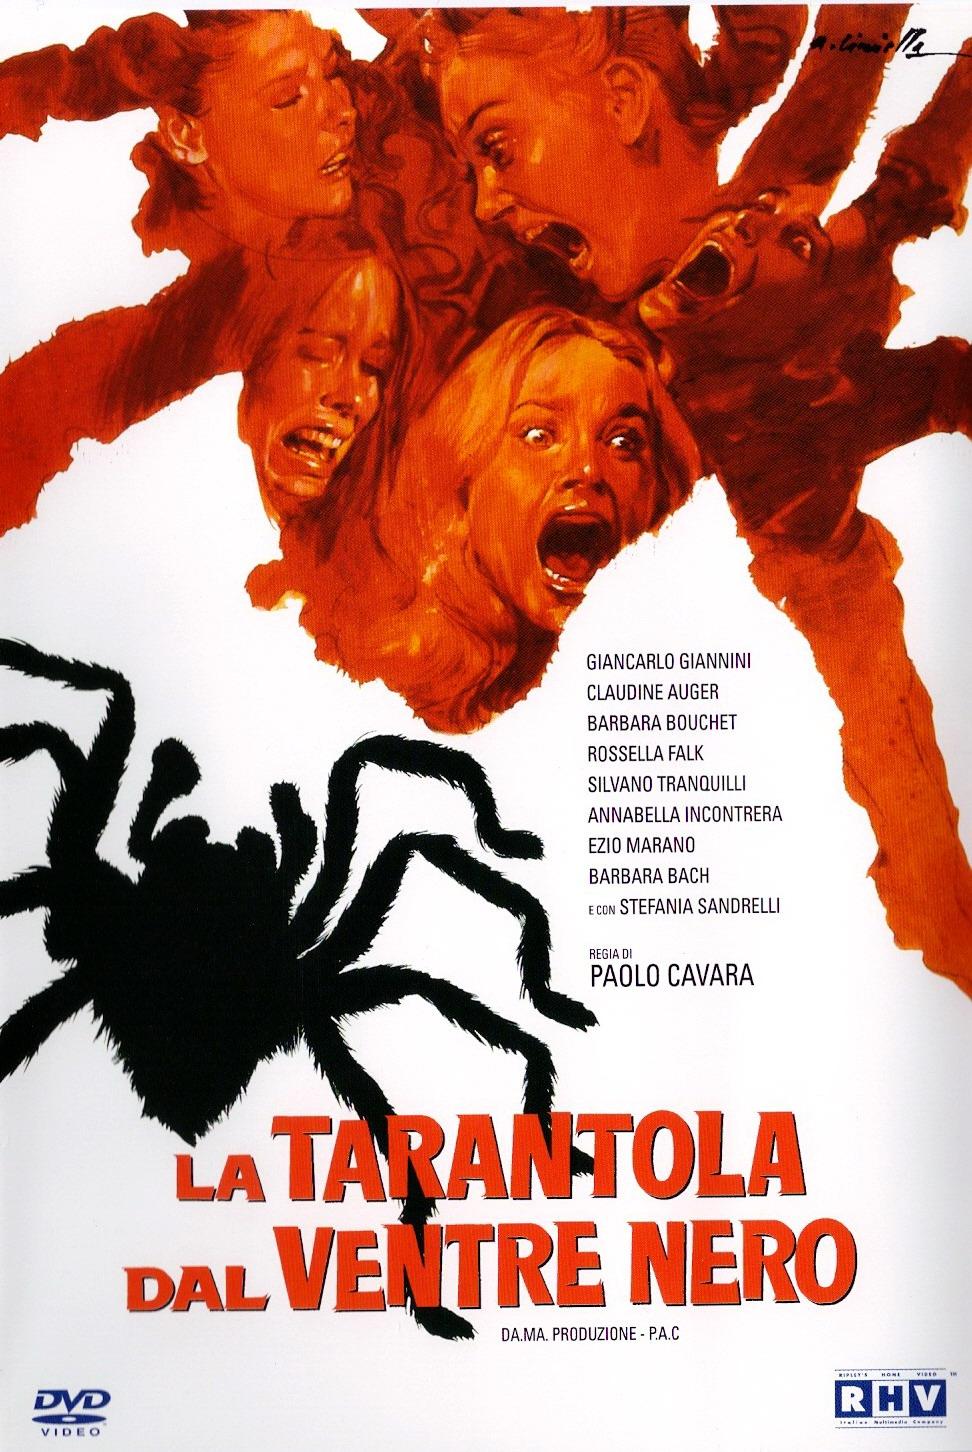 Черное брюхо тарантула / La tarantola dal ventre nero (1971) DVDRip